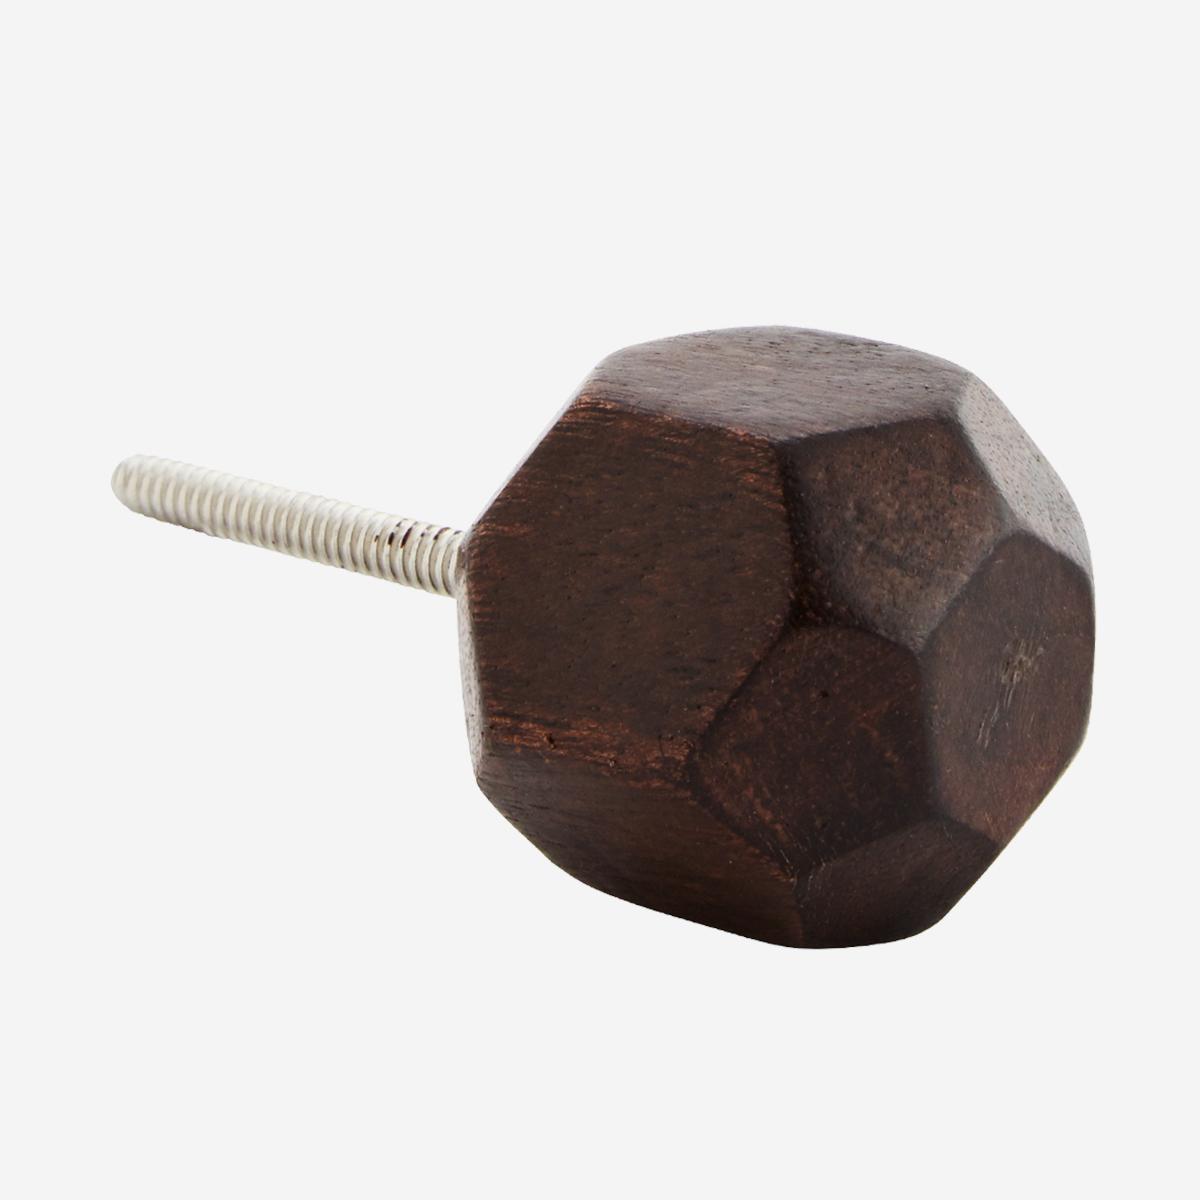 Wooden Knob by Madam Scholtz